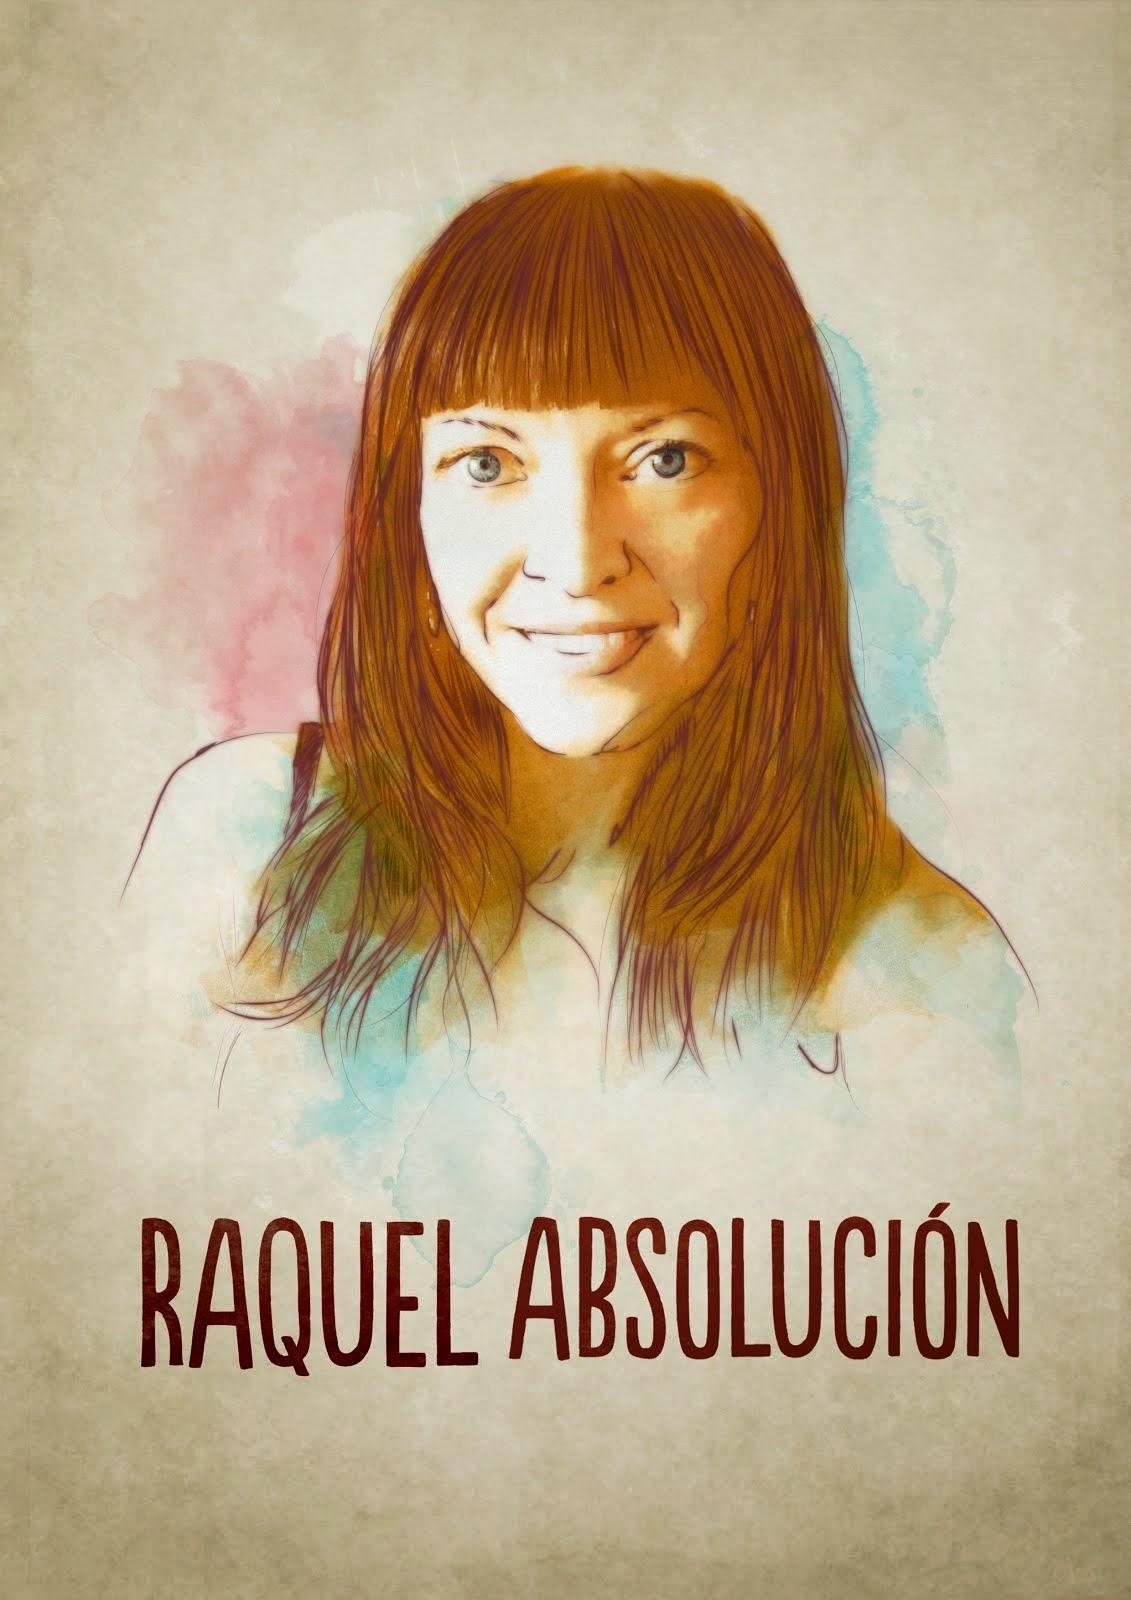 Alegato en defensa del honor de Raquel